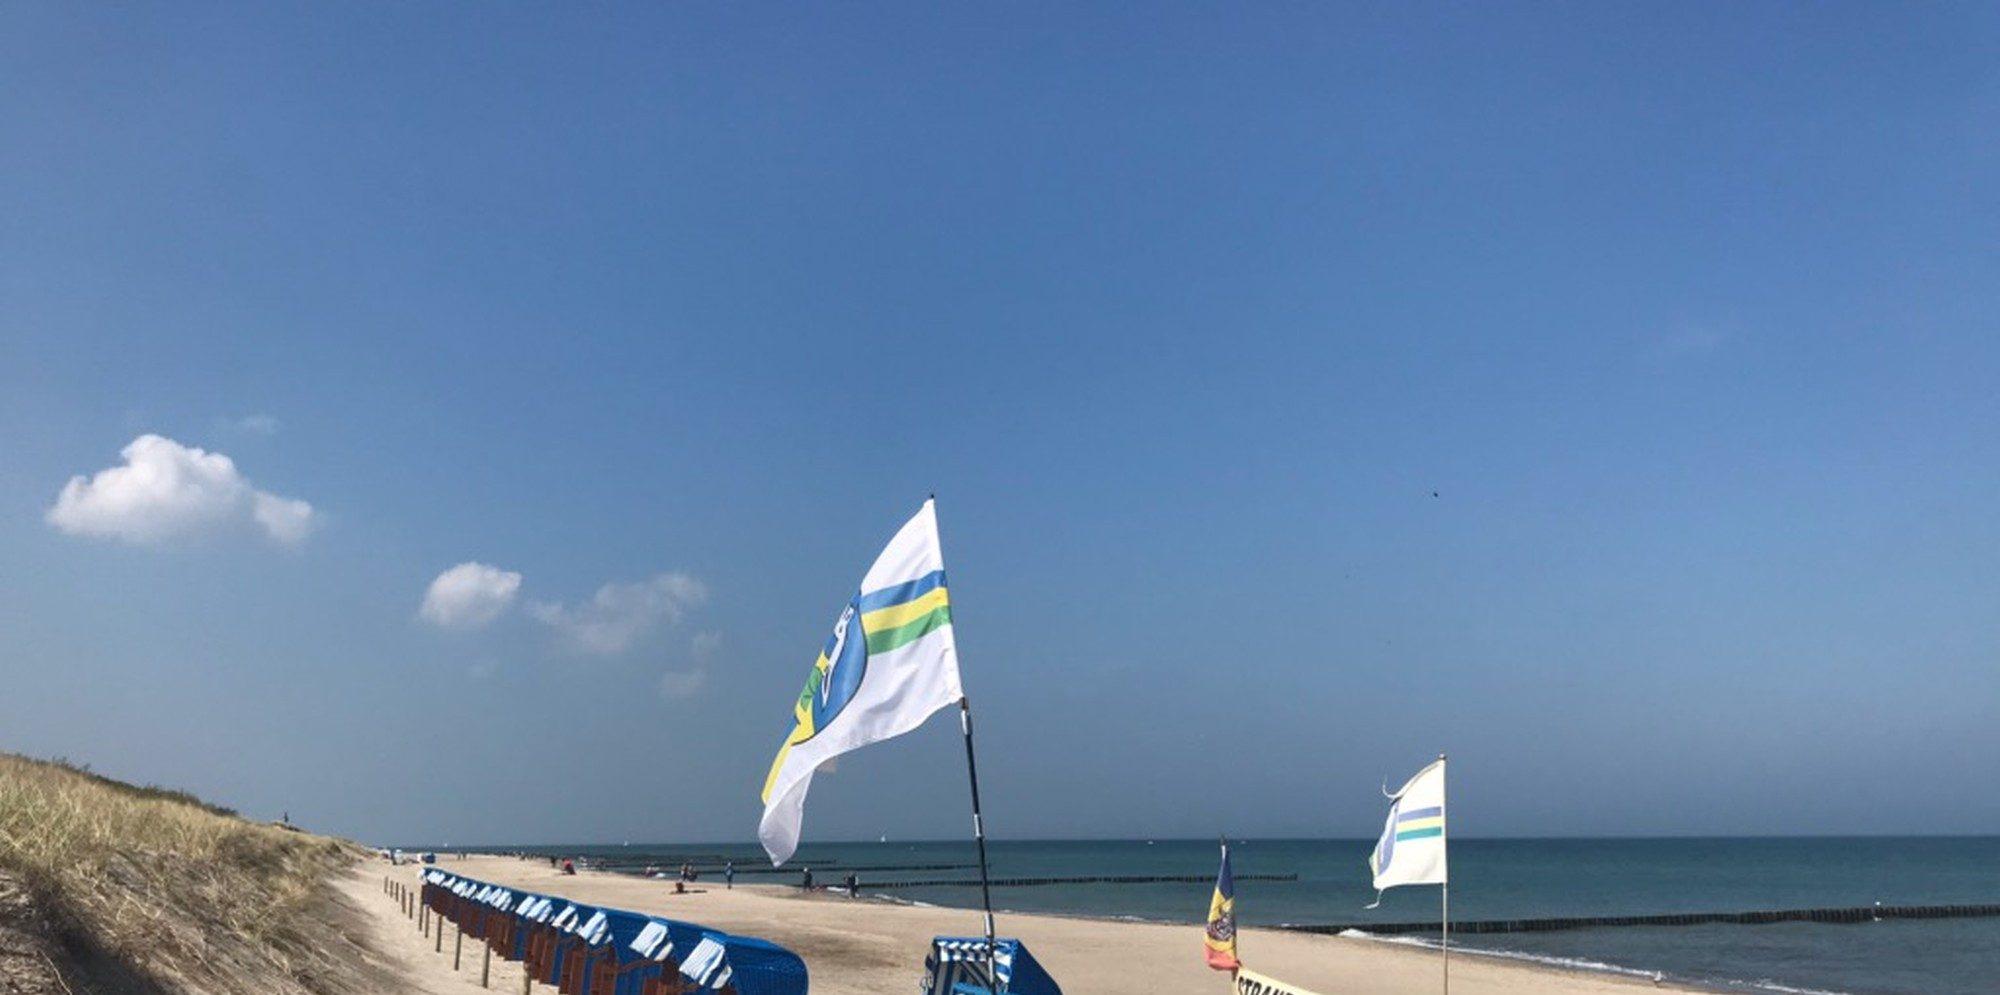 Strandkorbvermietung Tiede